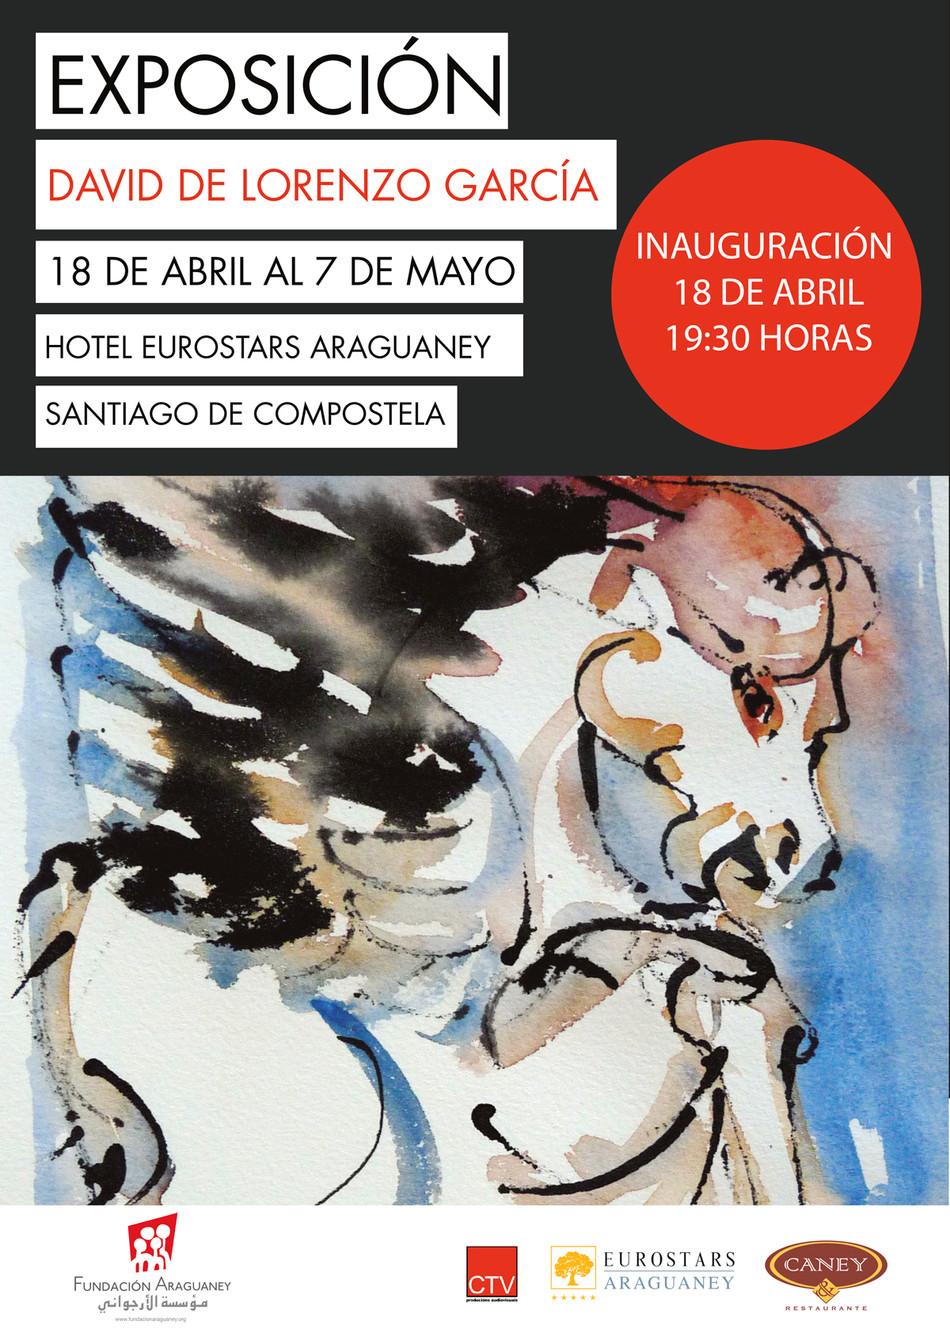 El artista plástico David de Lorenzo expone sus acuarelas figurativas en la Fundación Araguaney-Puen